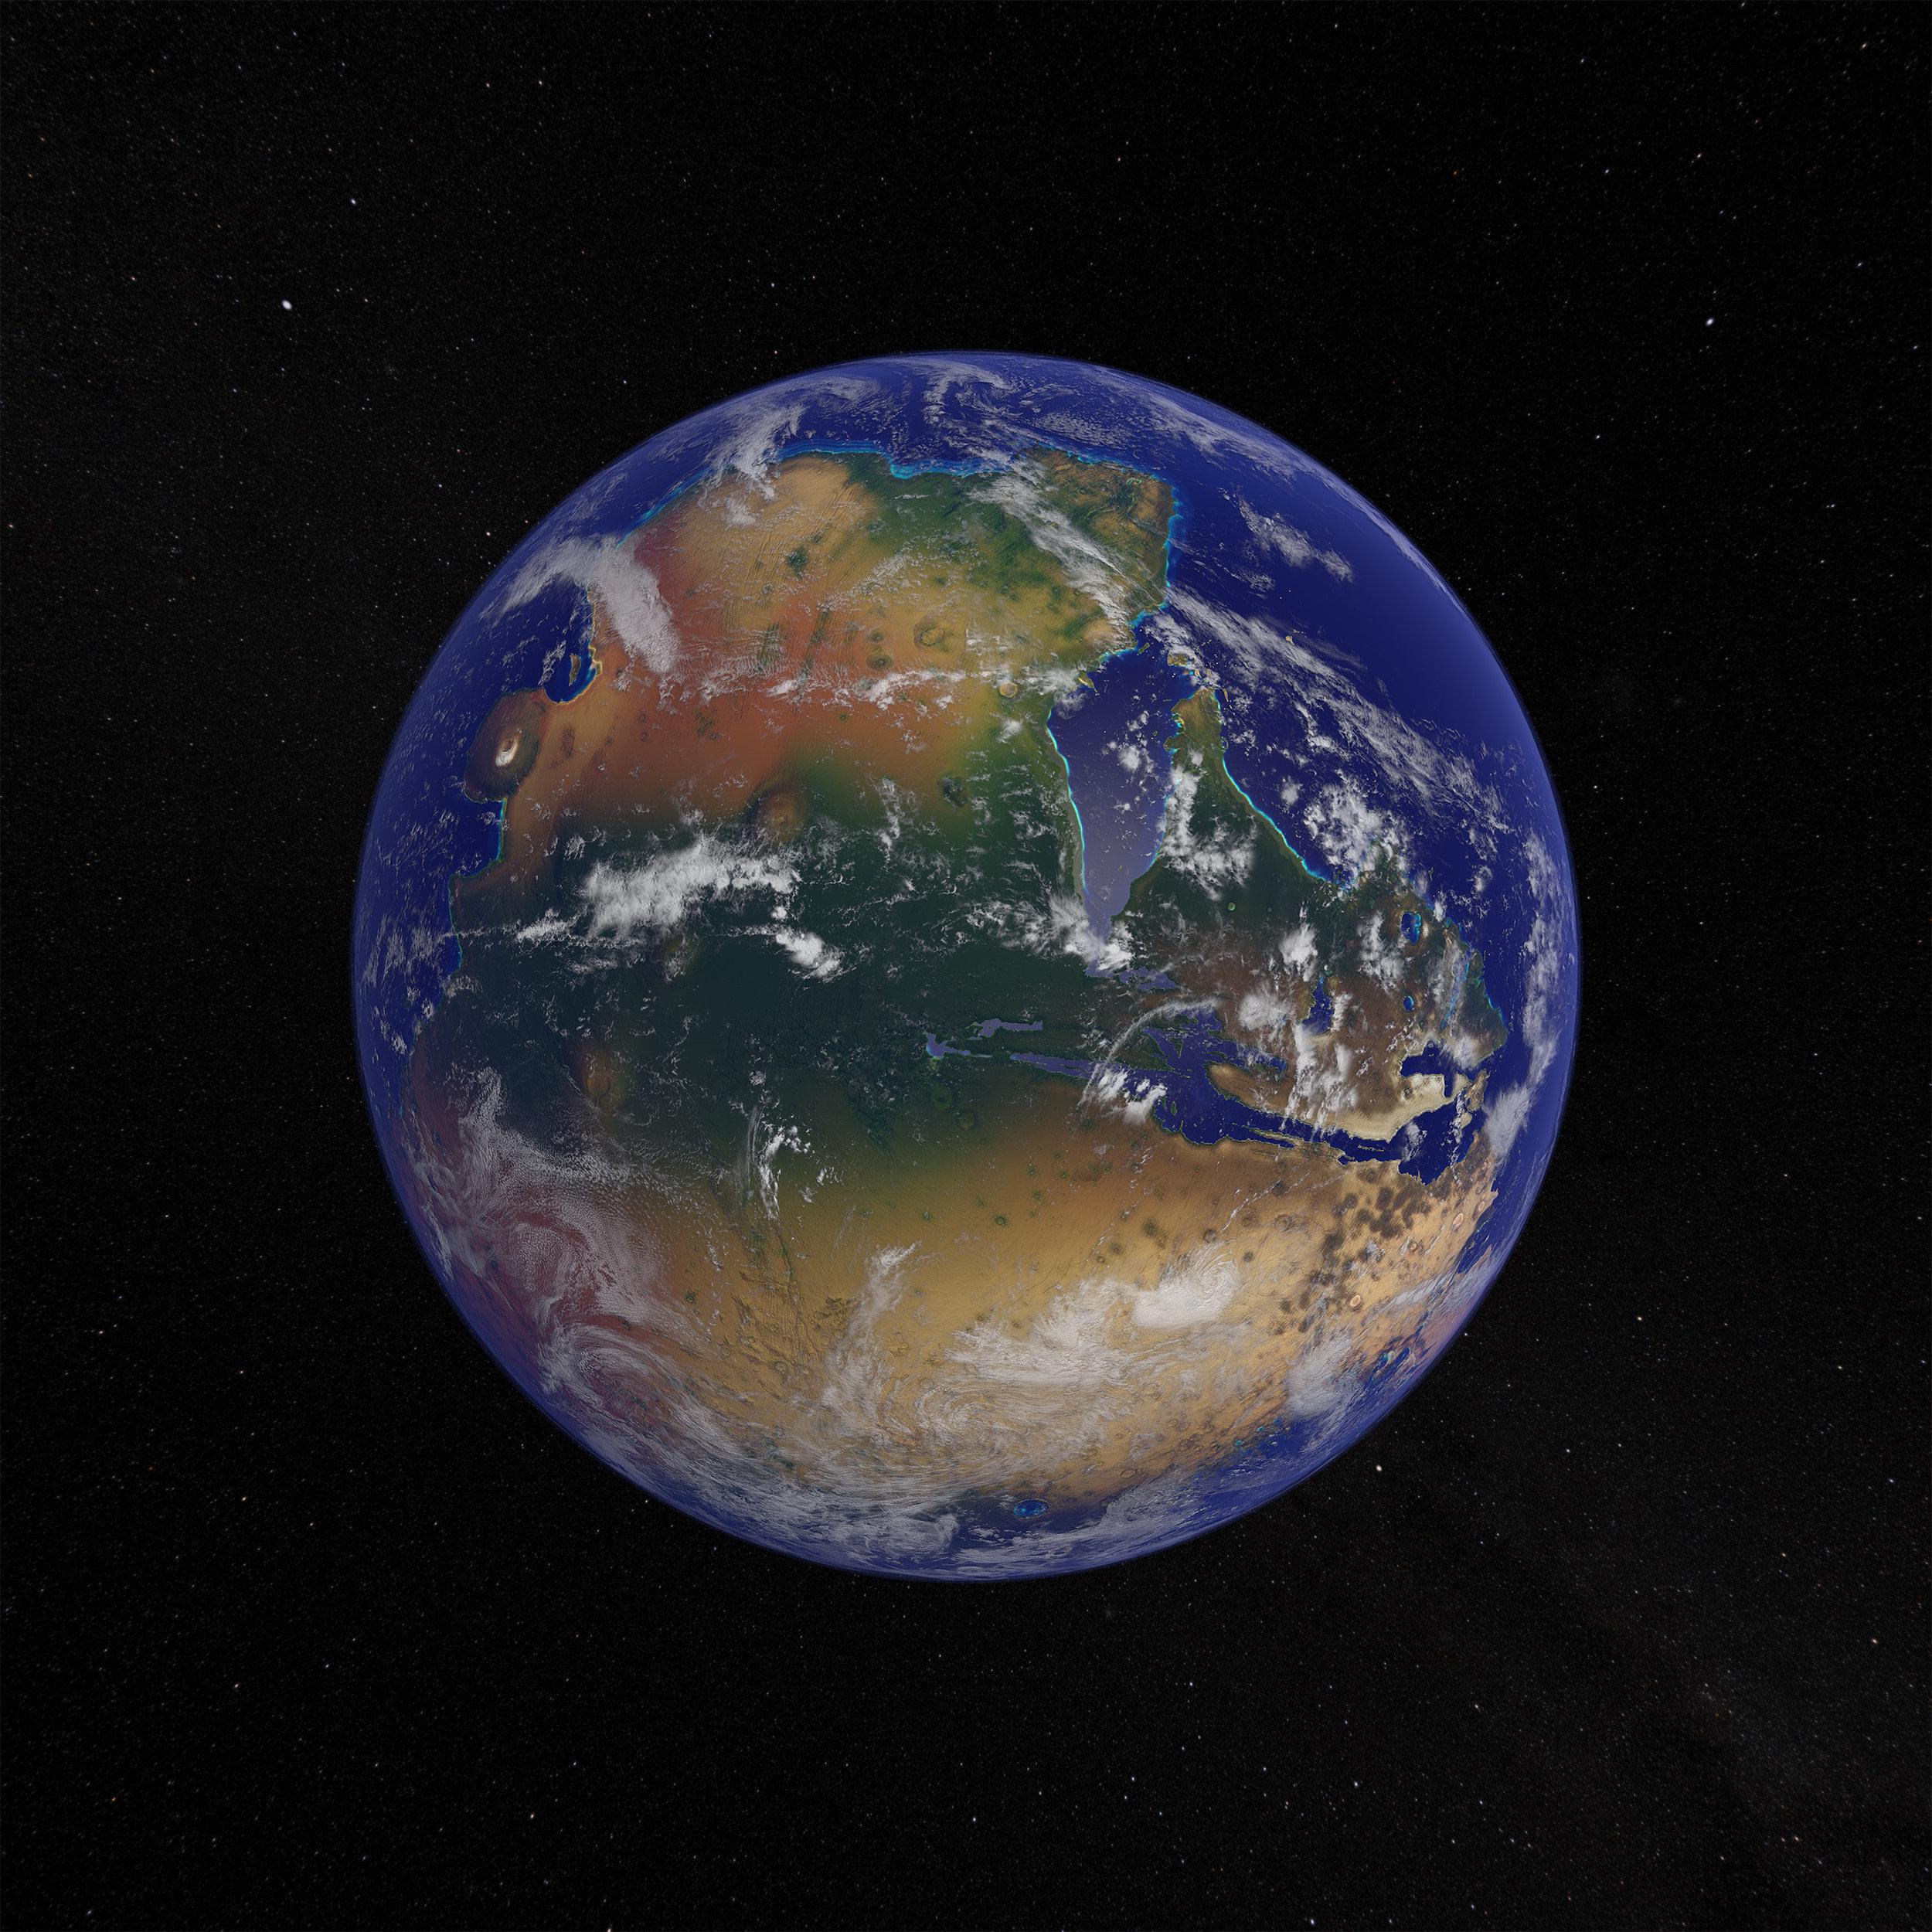 地球照耀火星 - 2019